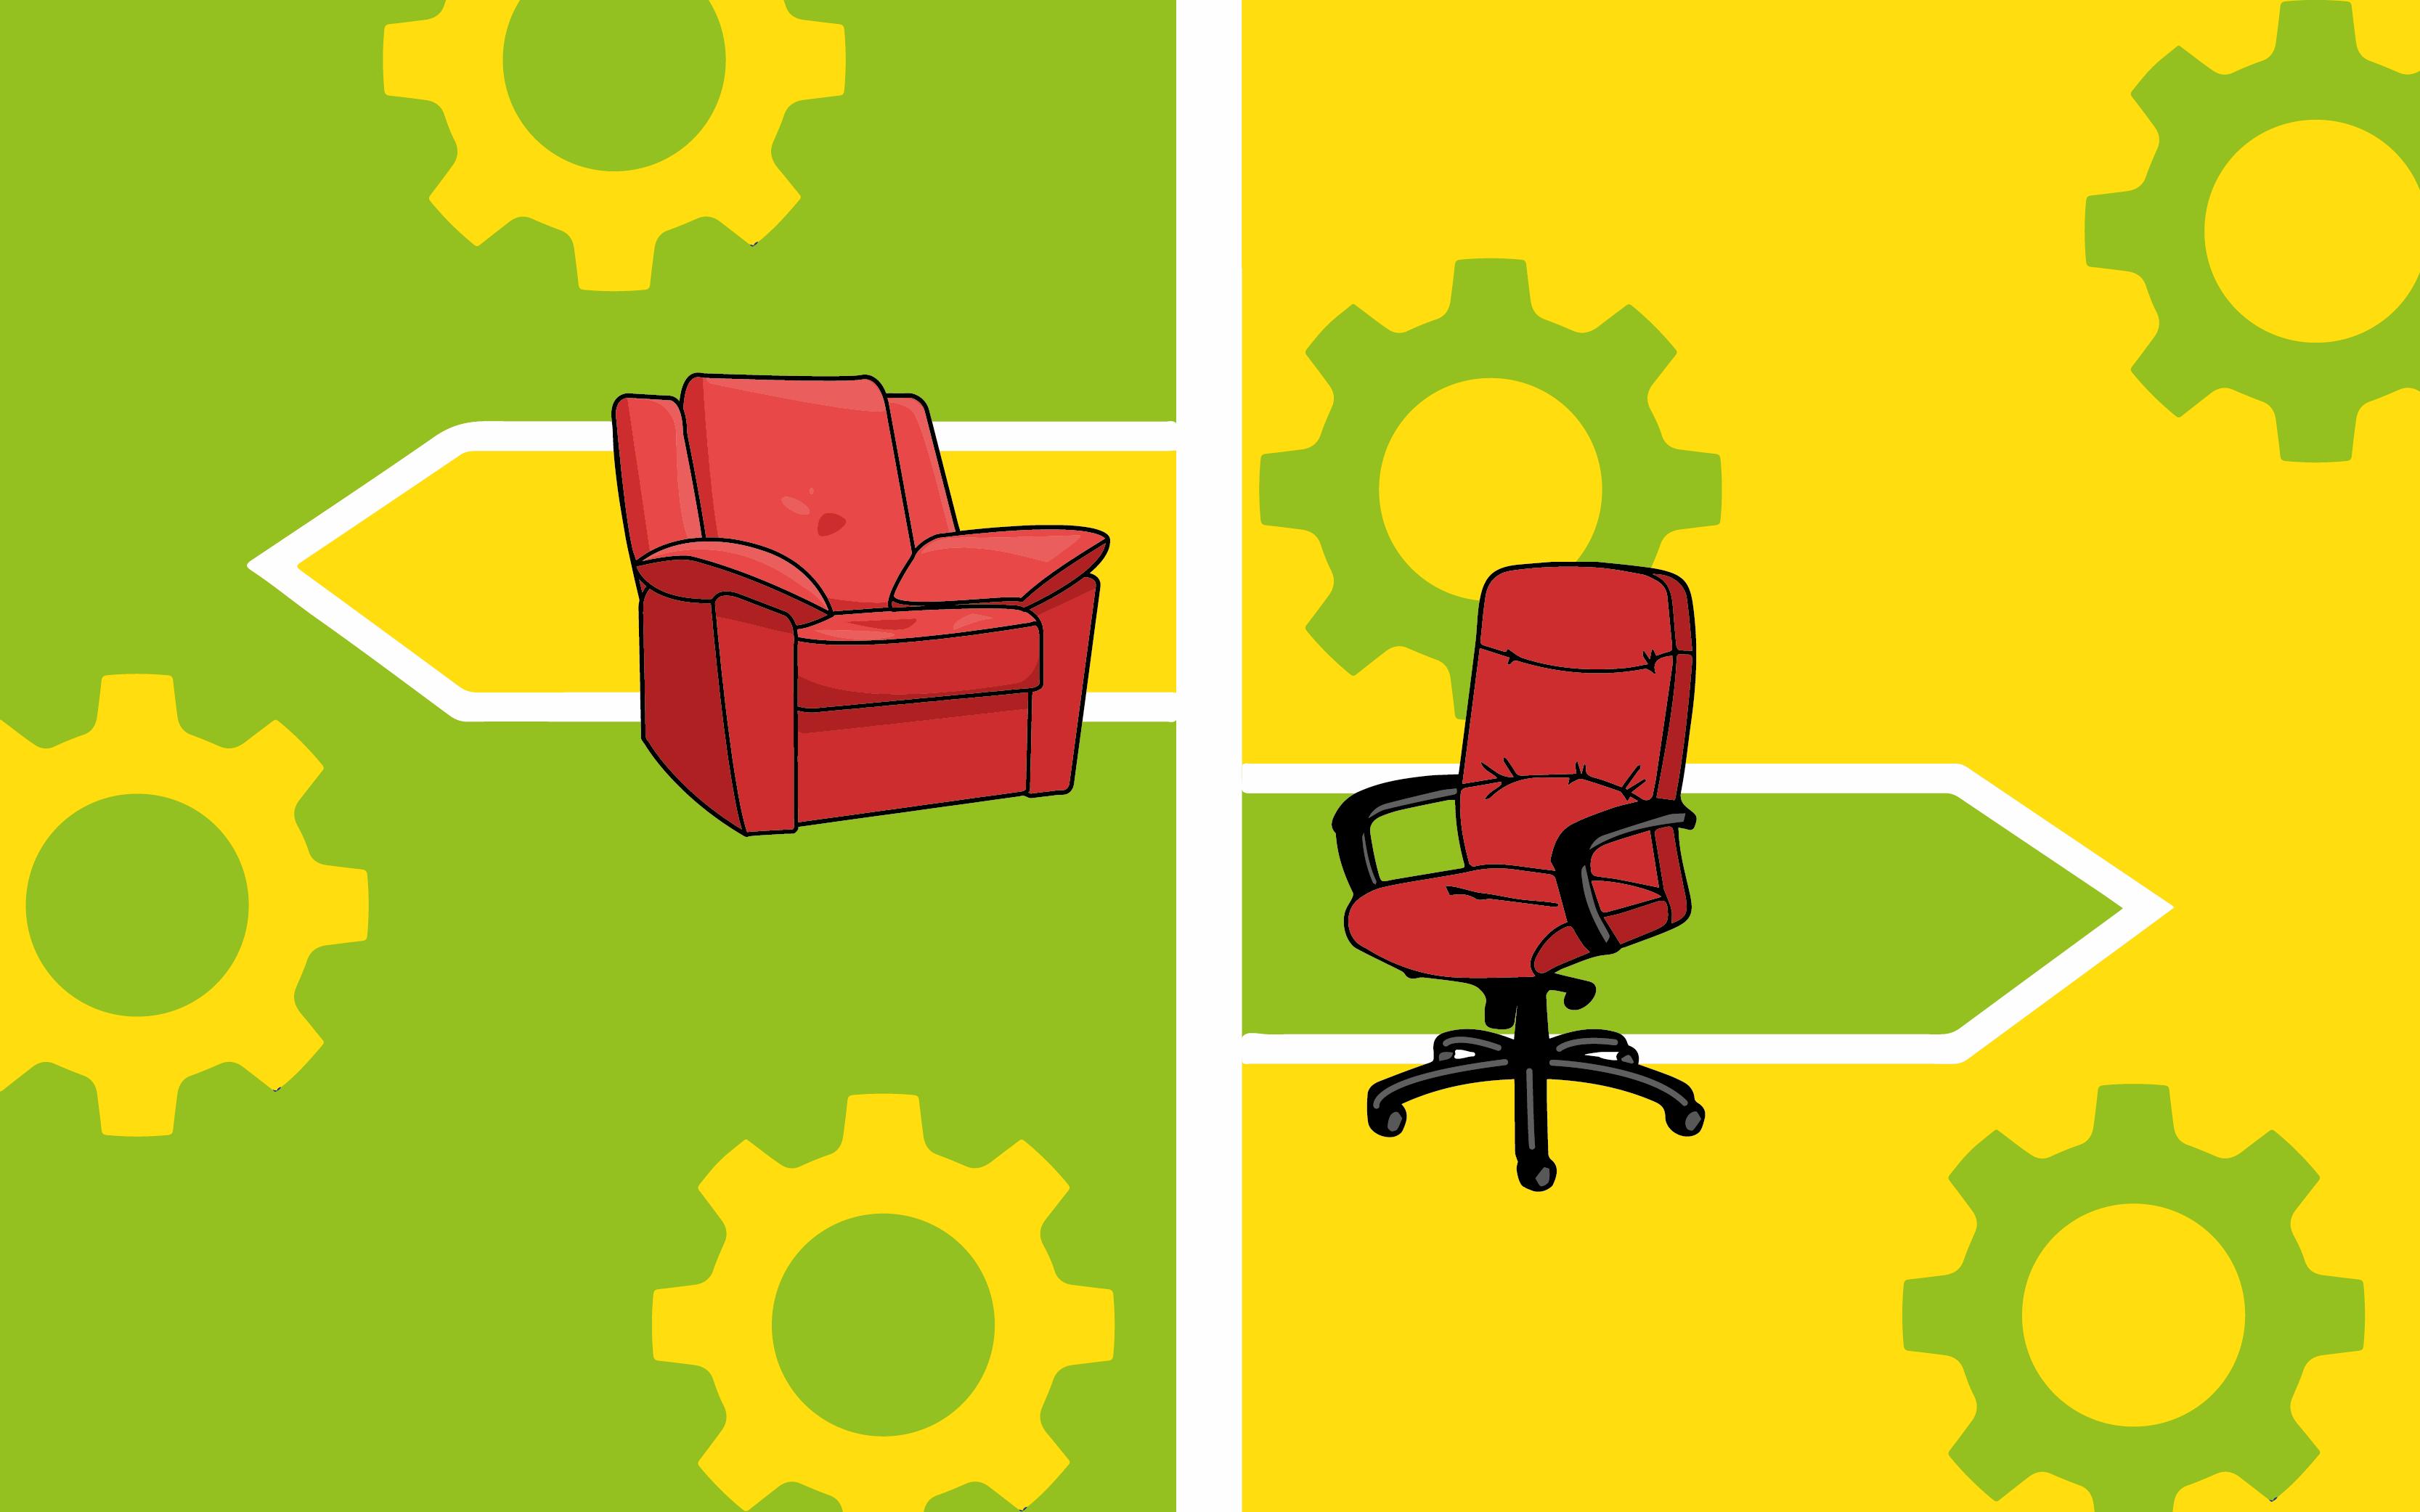 Oficina o Home Office? ¿Cuál me conviene más? | Profesionistas